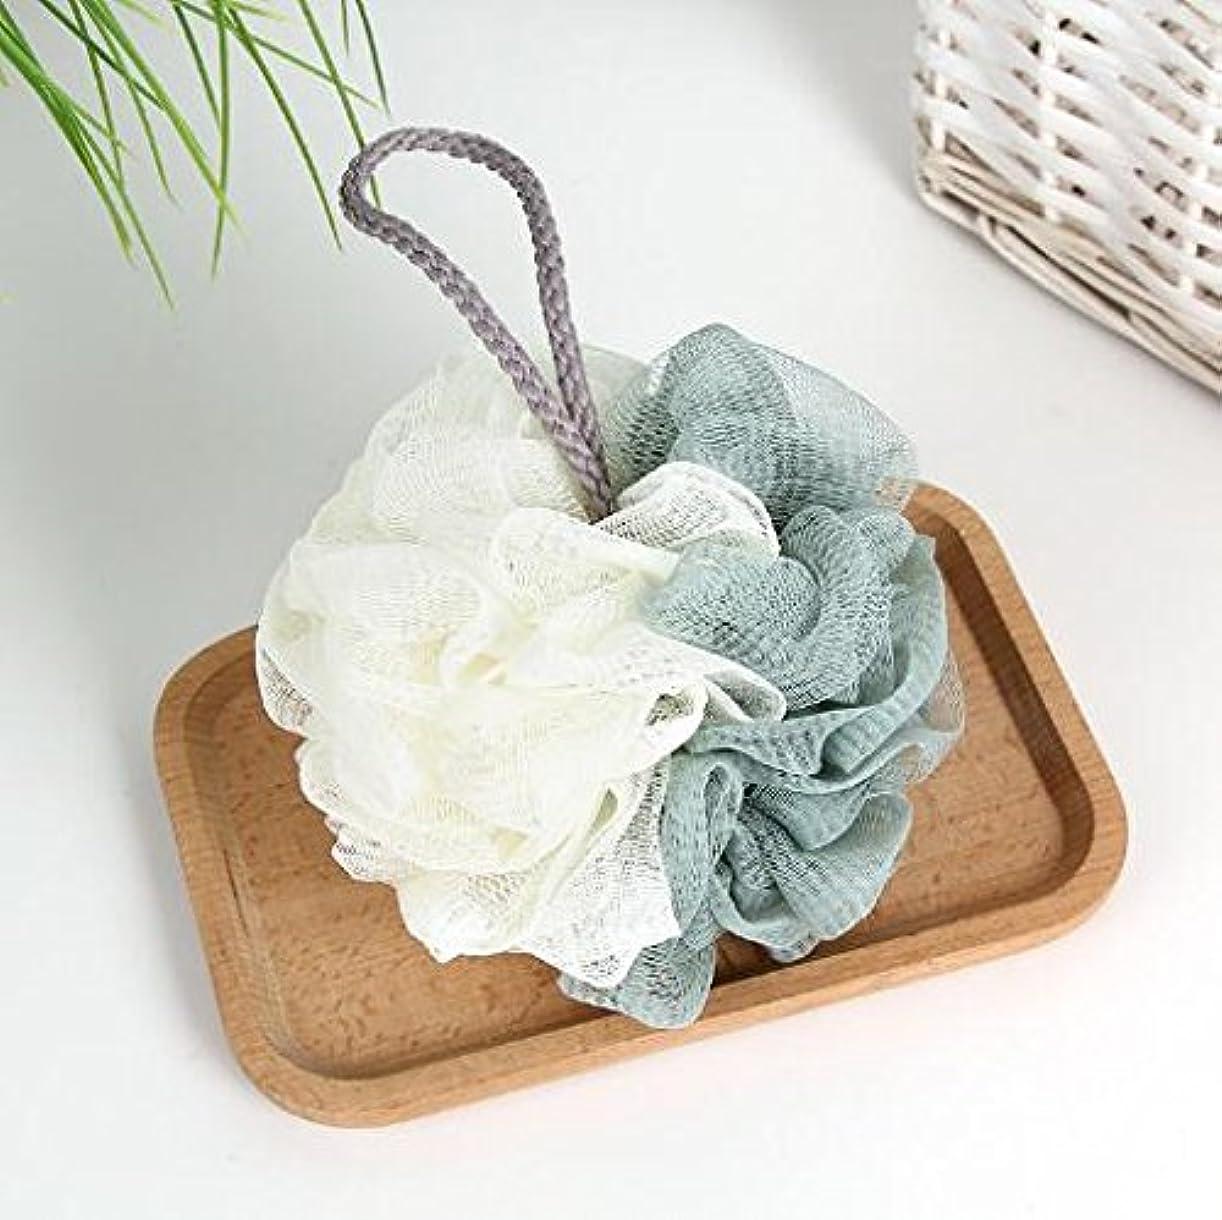 消すベスト連合Chinryou 泡立てネット ボディースポンジ 柔らかい 花形 お風呂用 ボールボディ用 シャボンボール 背中も洗える 泡肌美人 ふわわん (グリーン)